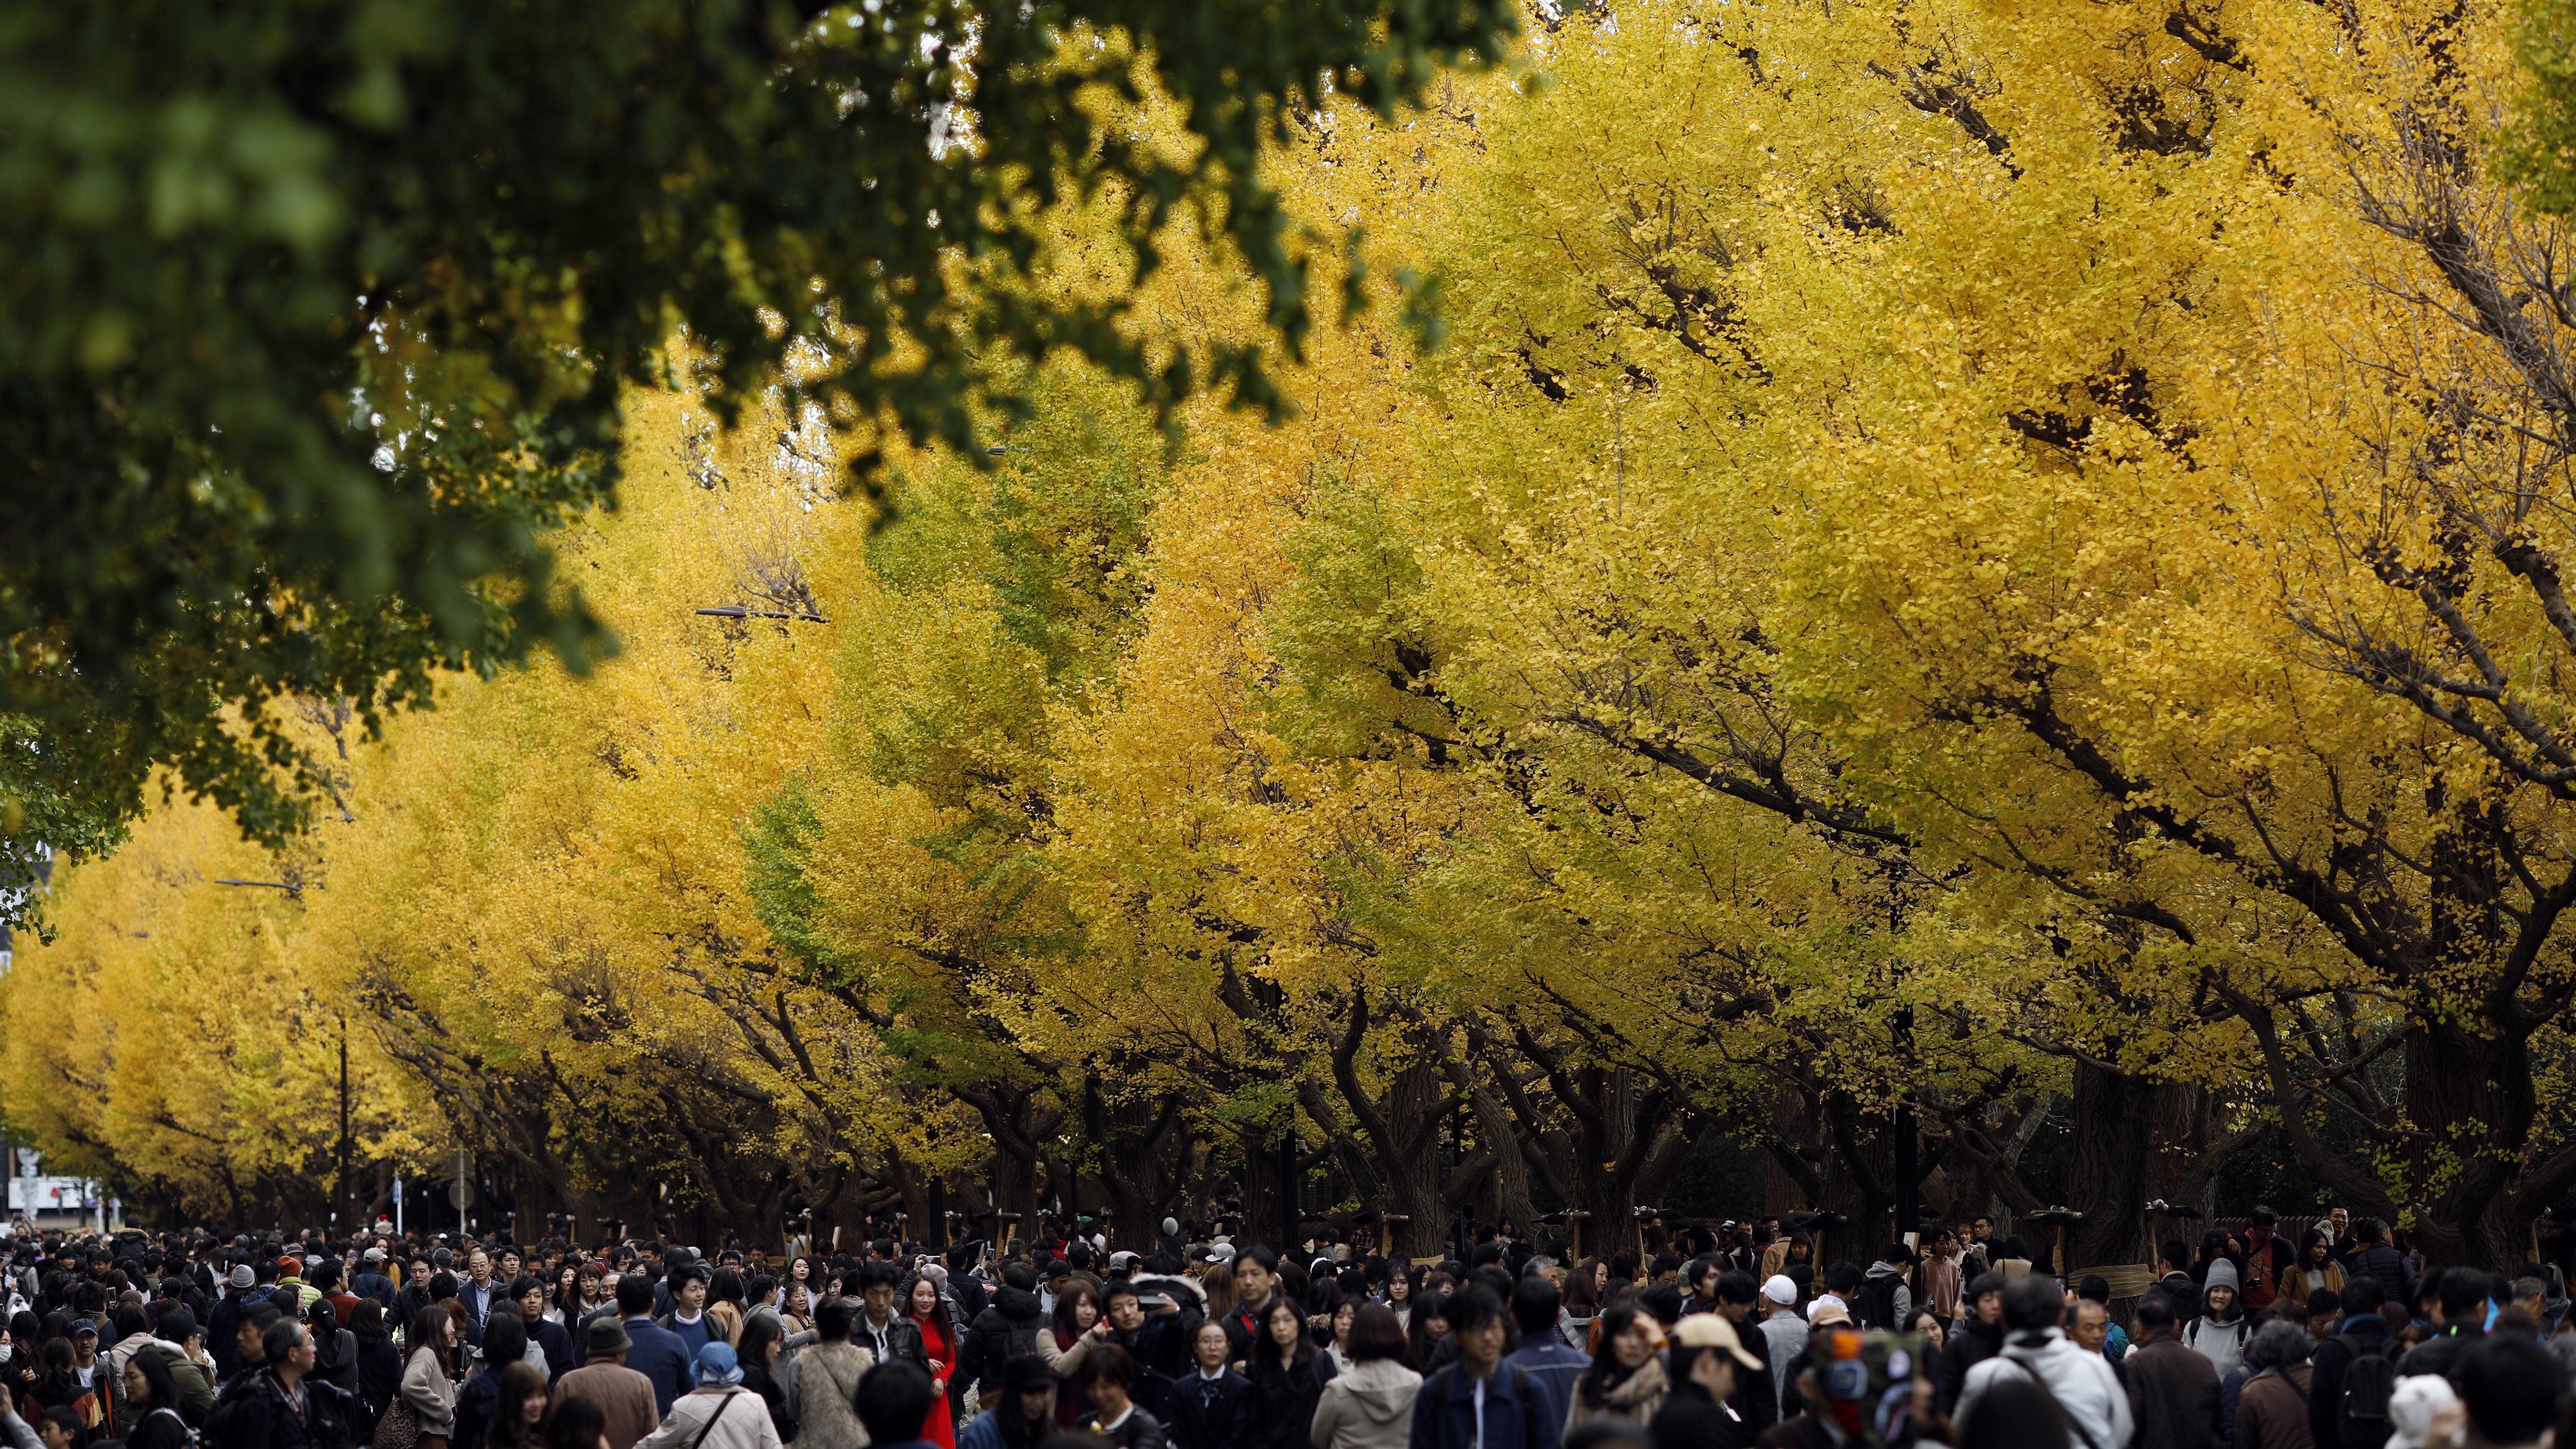 Хора се разхождат под есенния цвят на дървета от вида Гинко билоба в Токио, Япония. Жителите и гостите на столицата се наслаждават на сезонната промяна на цветовете на листата на Гинко през есента всяка година, когато листата се оцветяват от лятно зелено в есенно жълто